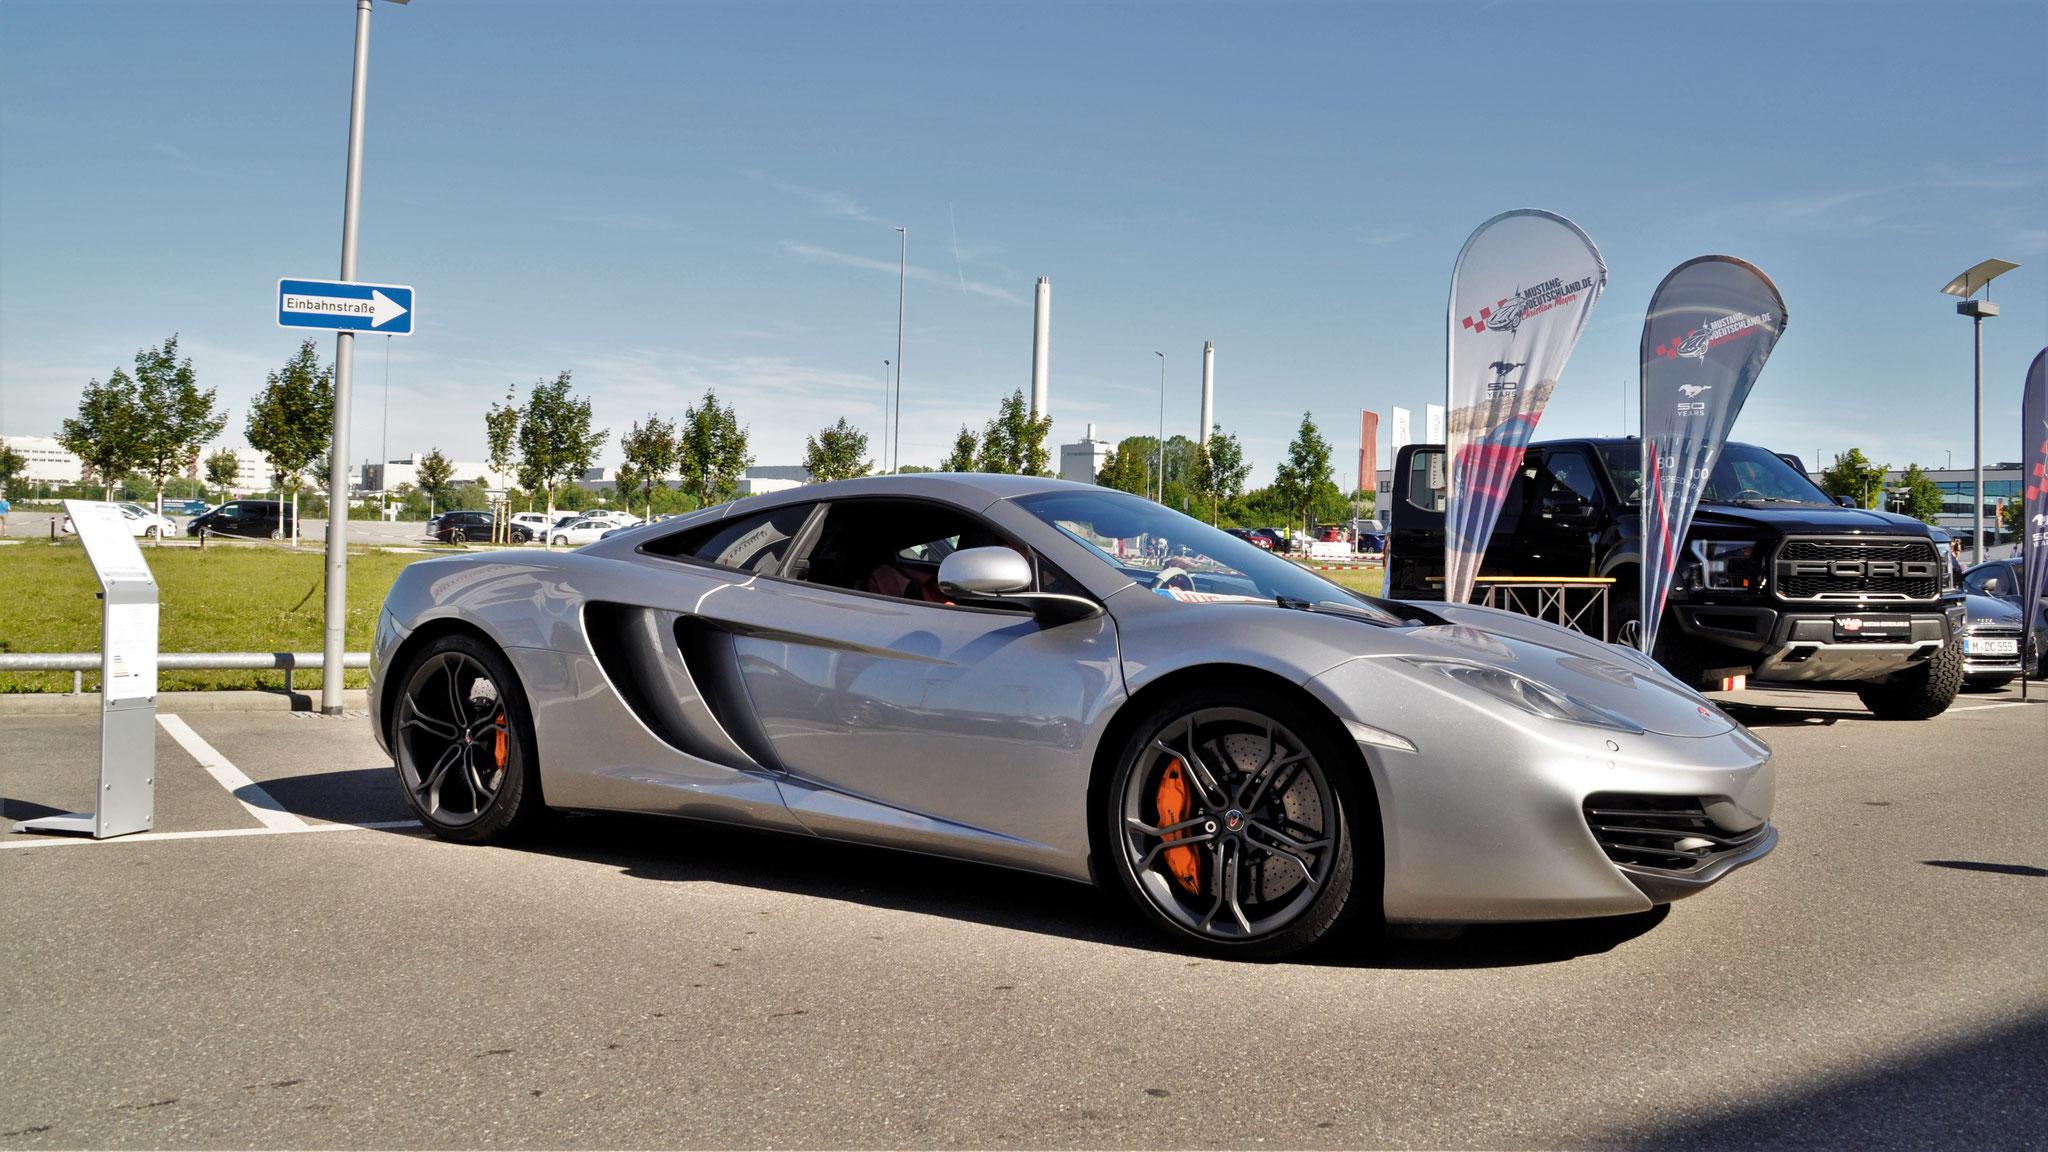 McLaren MP4-12C - WUG-06XXX